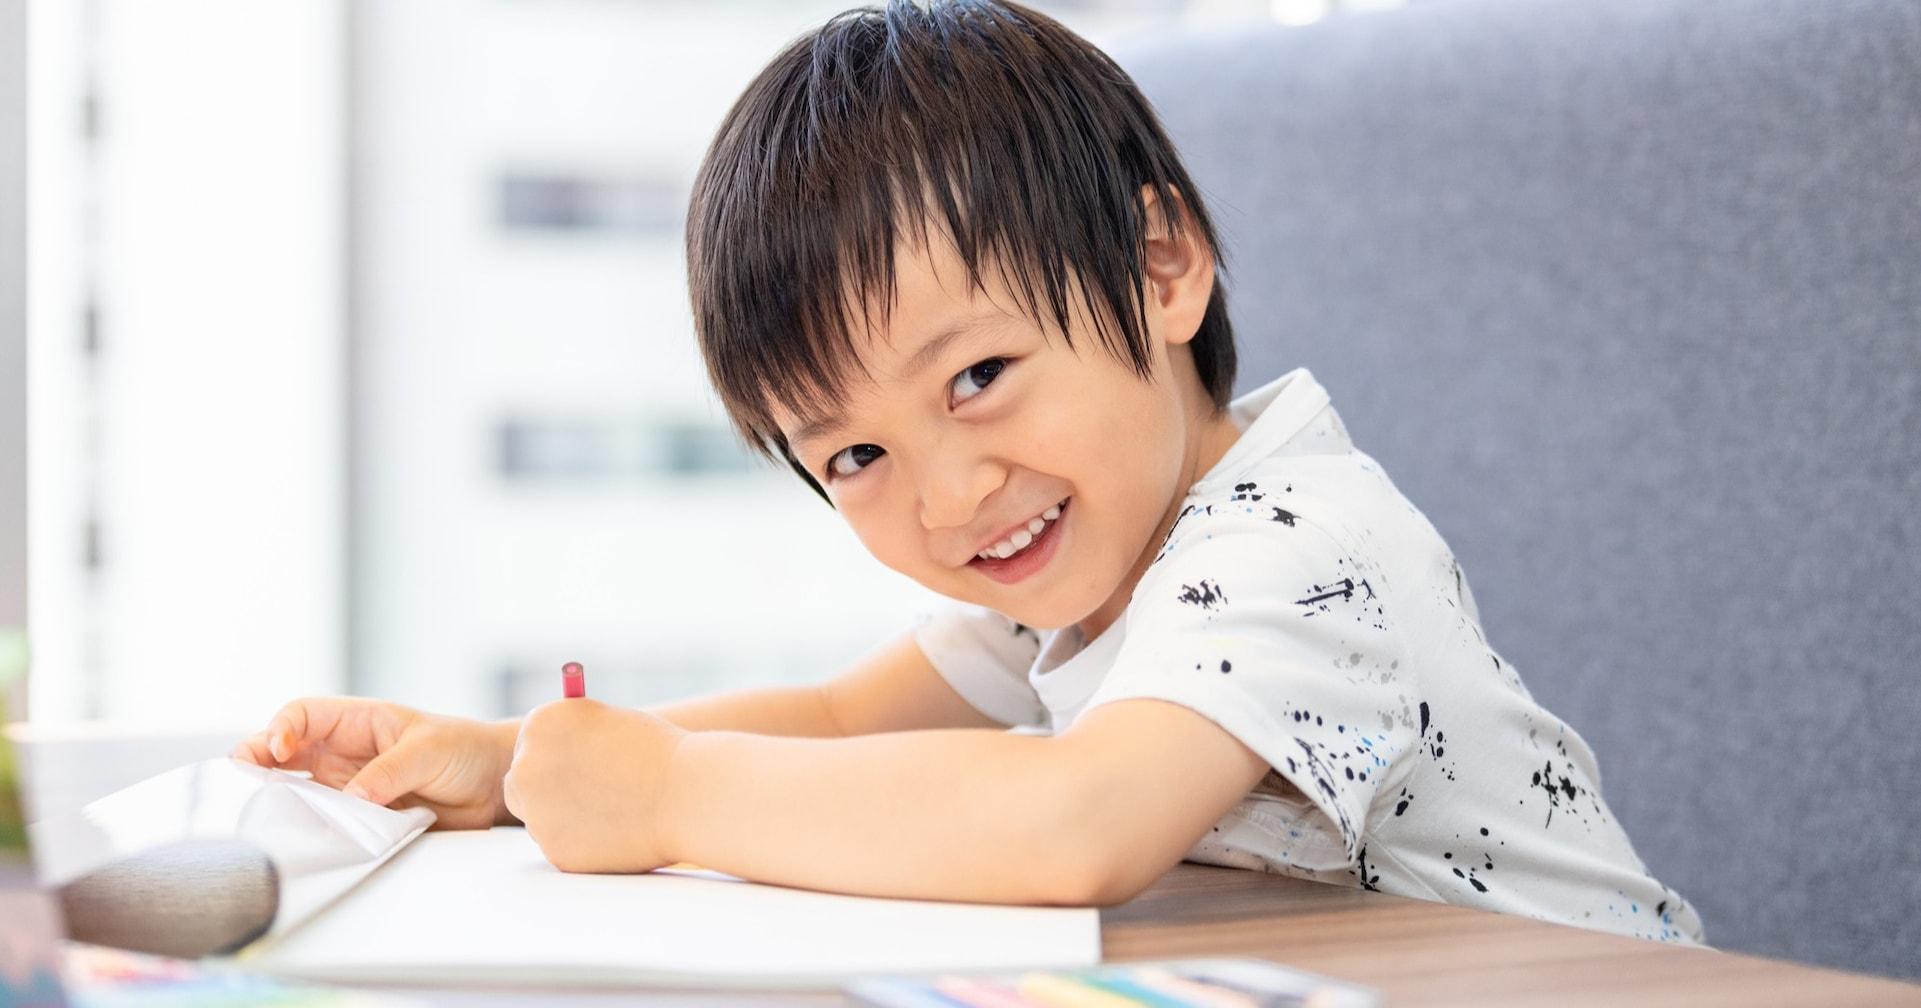 4歳息子に「ママはなにいろがすき?」と聞かれたので「青色かな~」と答えたら…その後の展開に心癒された!